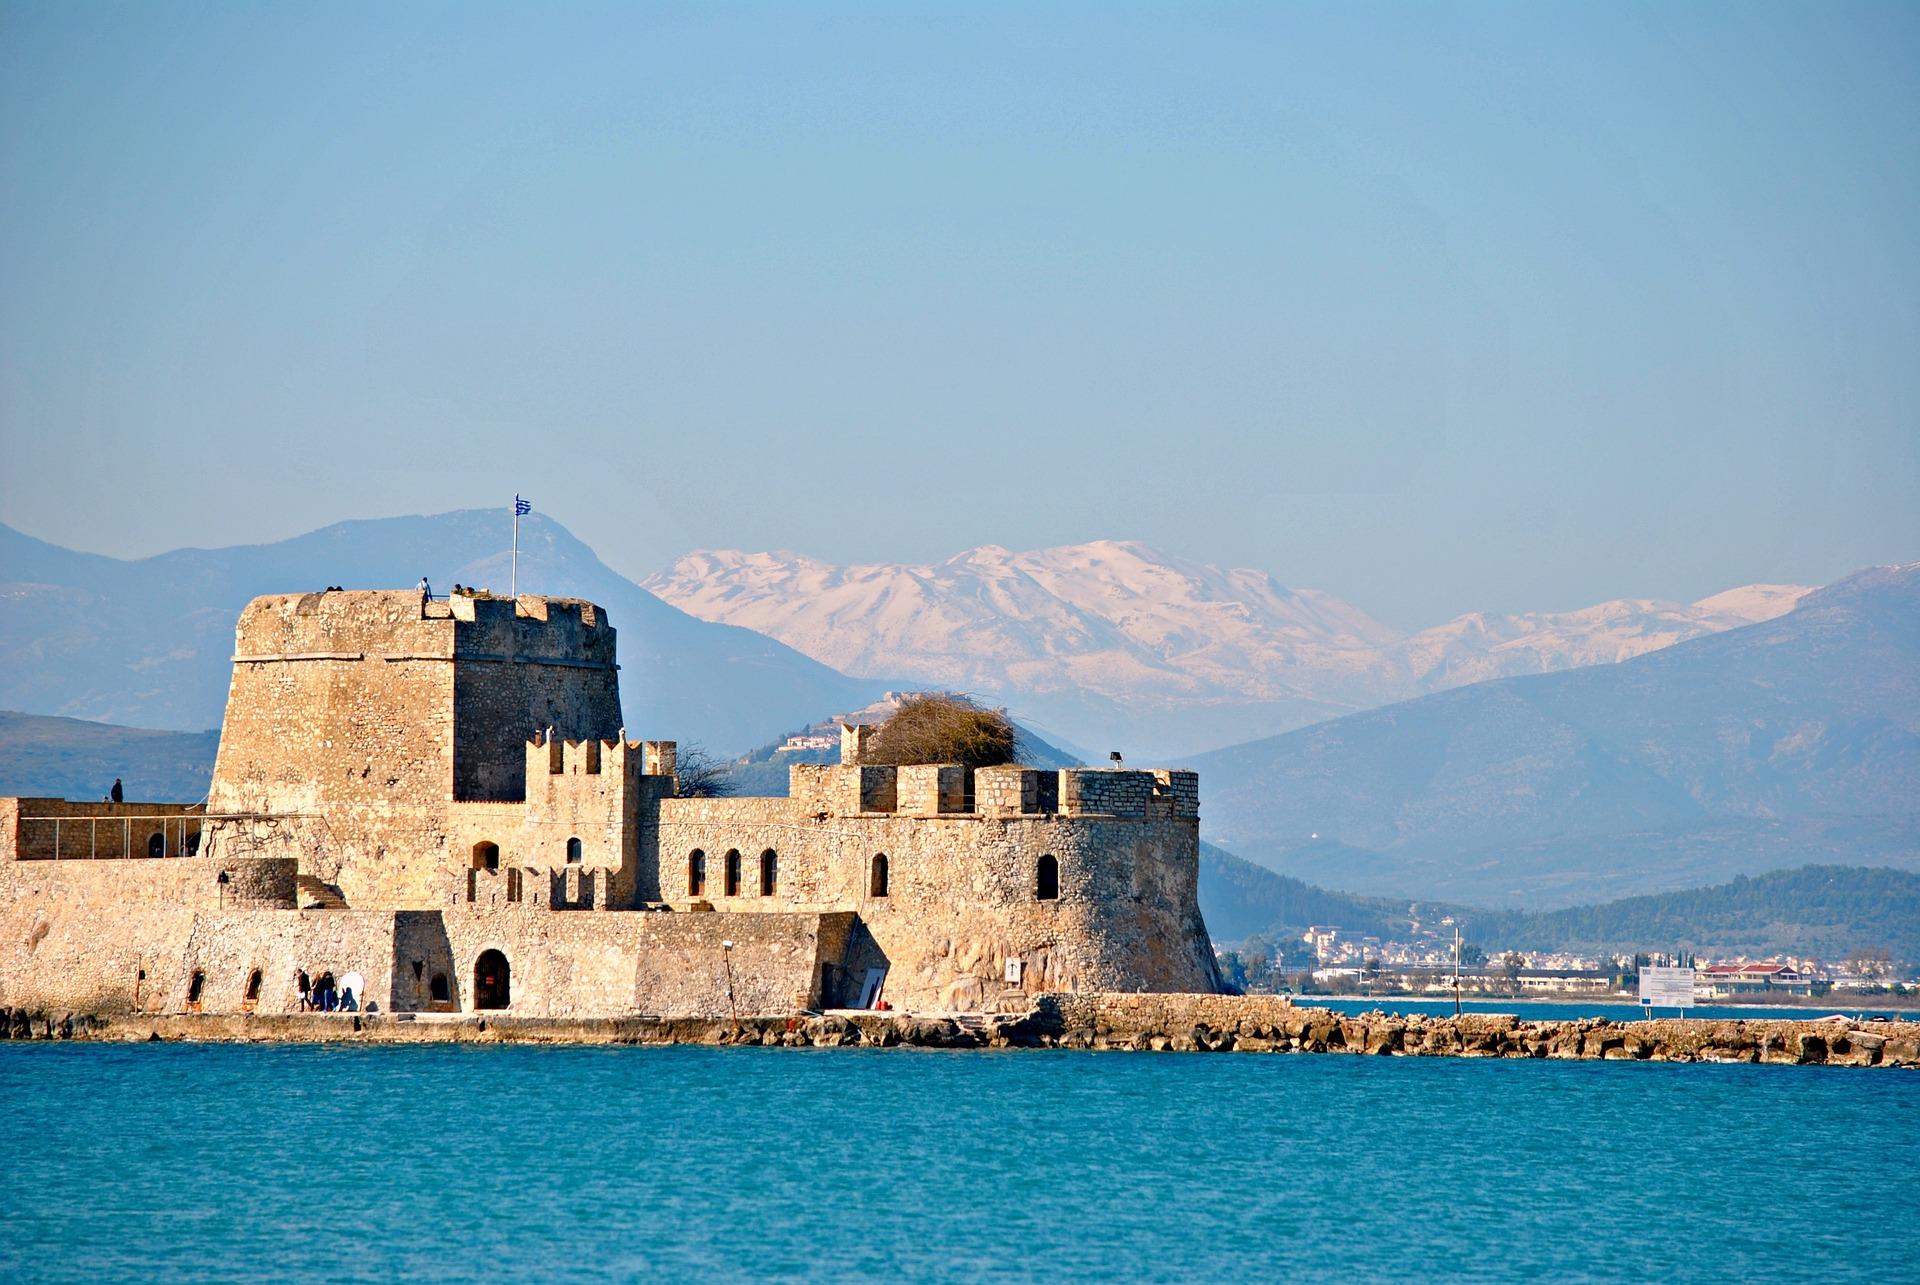 Venitian castle, Nafplion